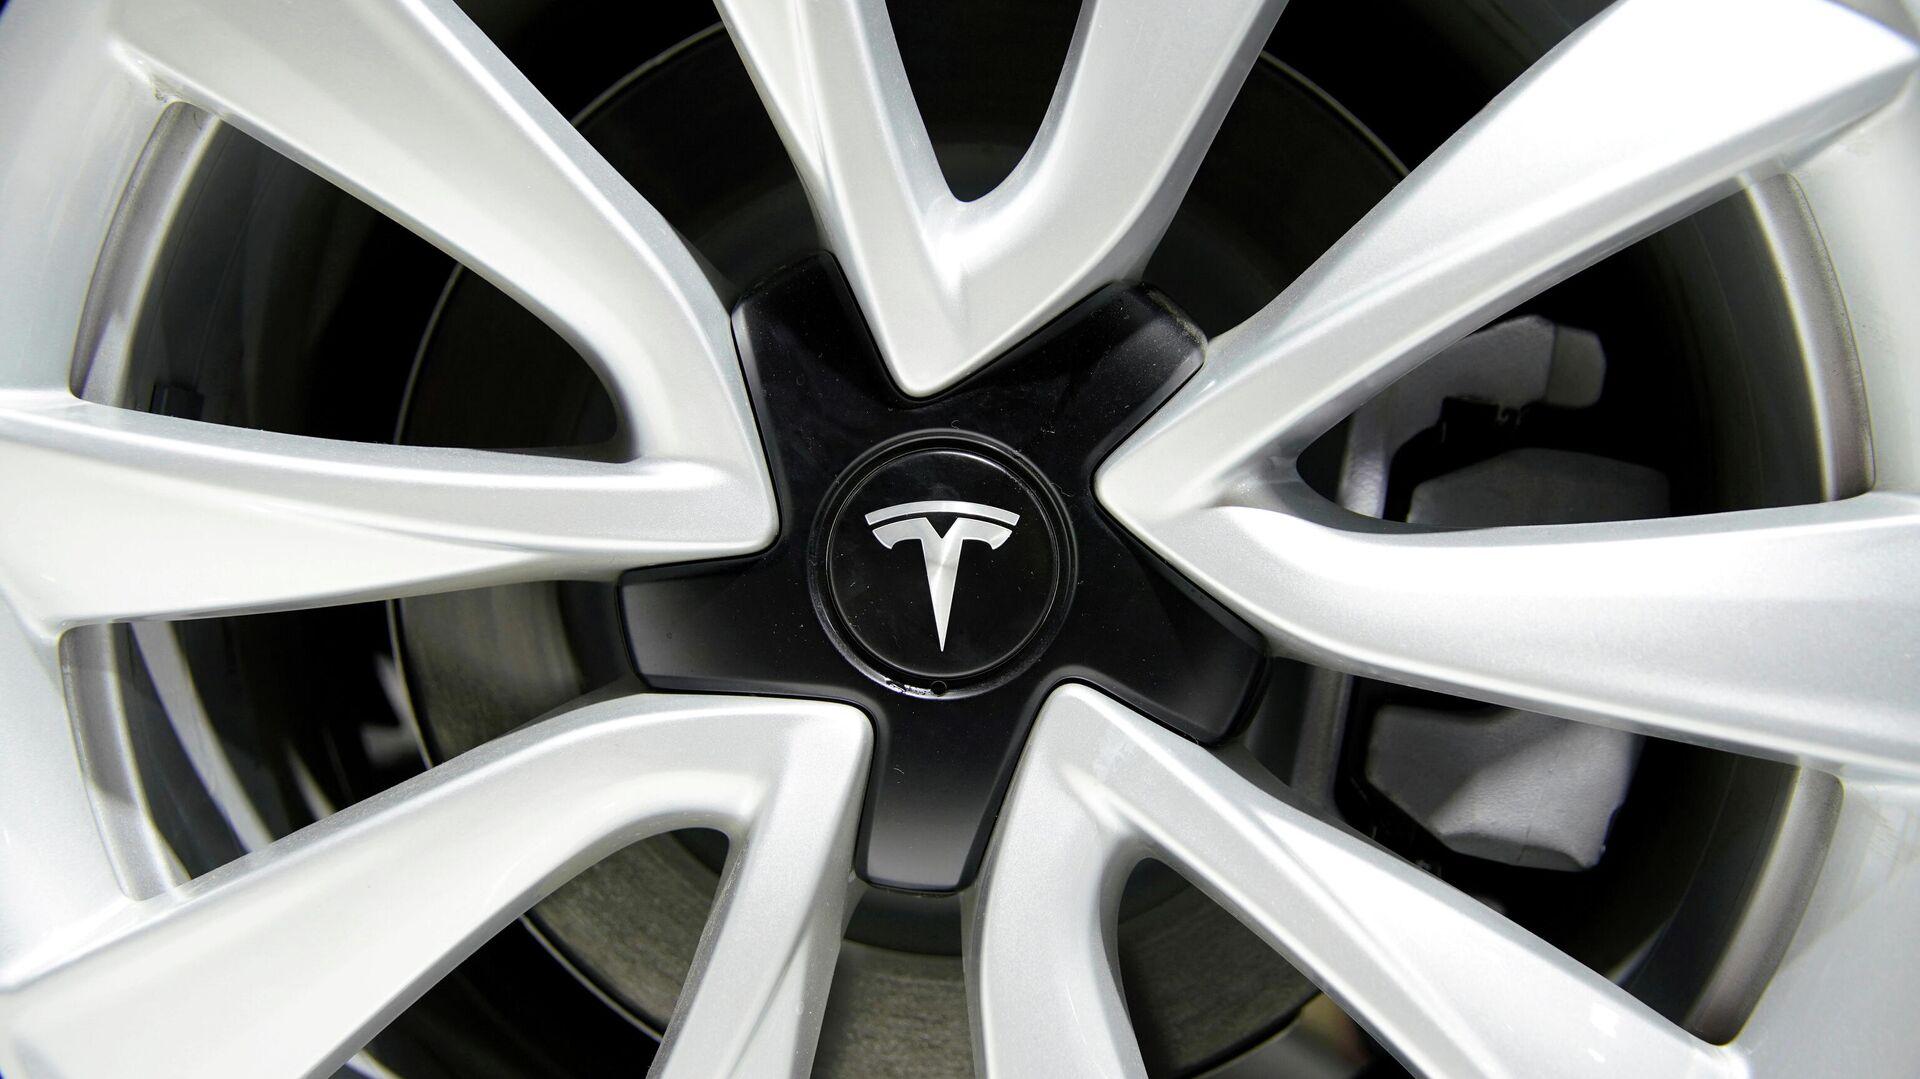 Un neumático con el logo de Tesla - Sputnik Mundo, 1920, 11.06.2021